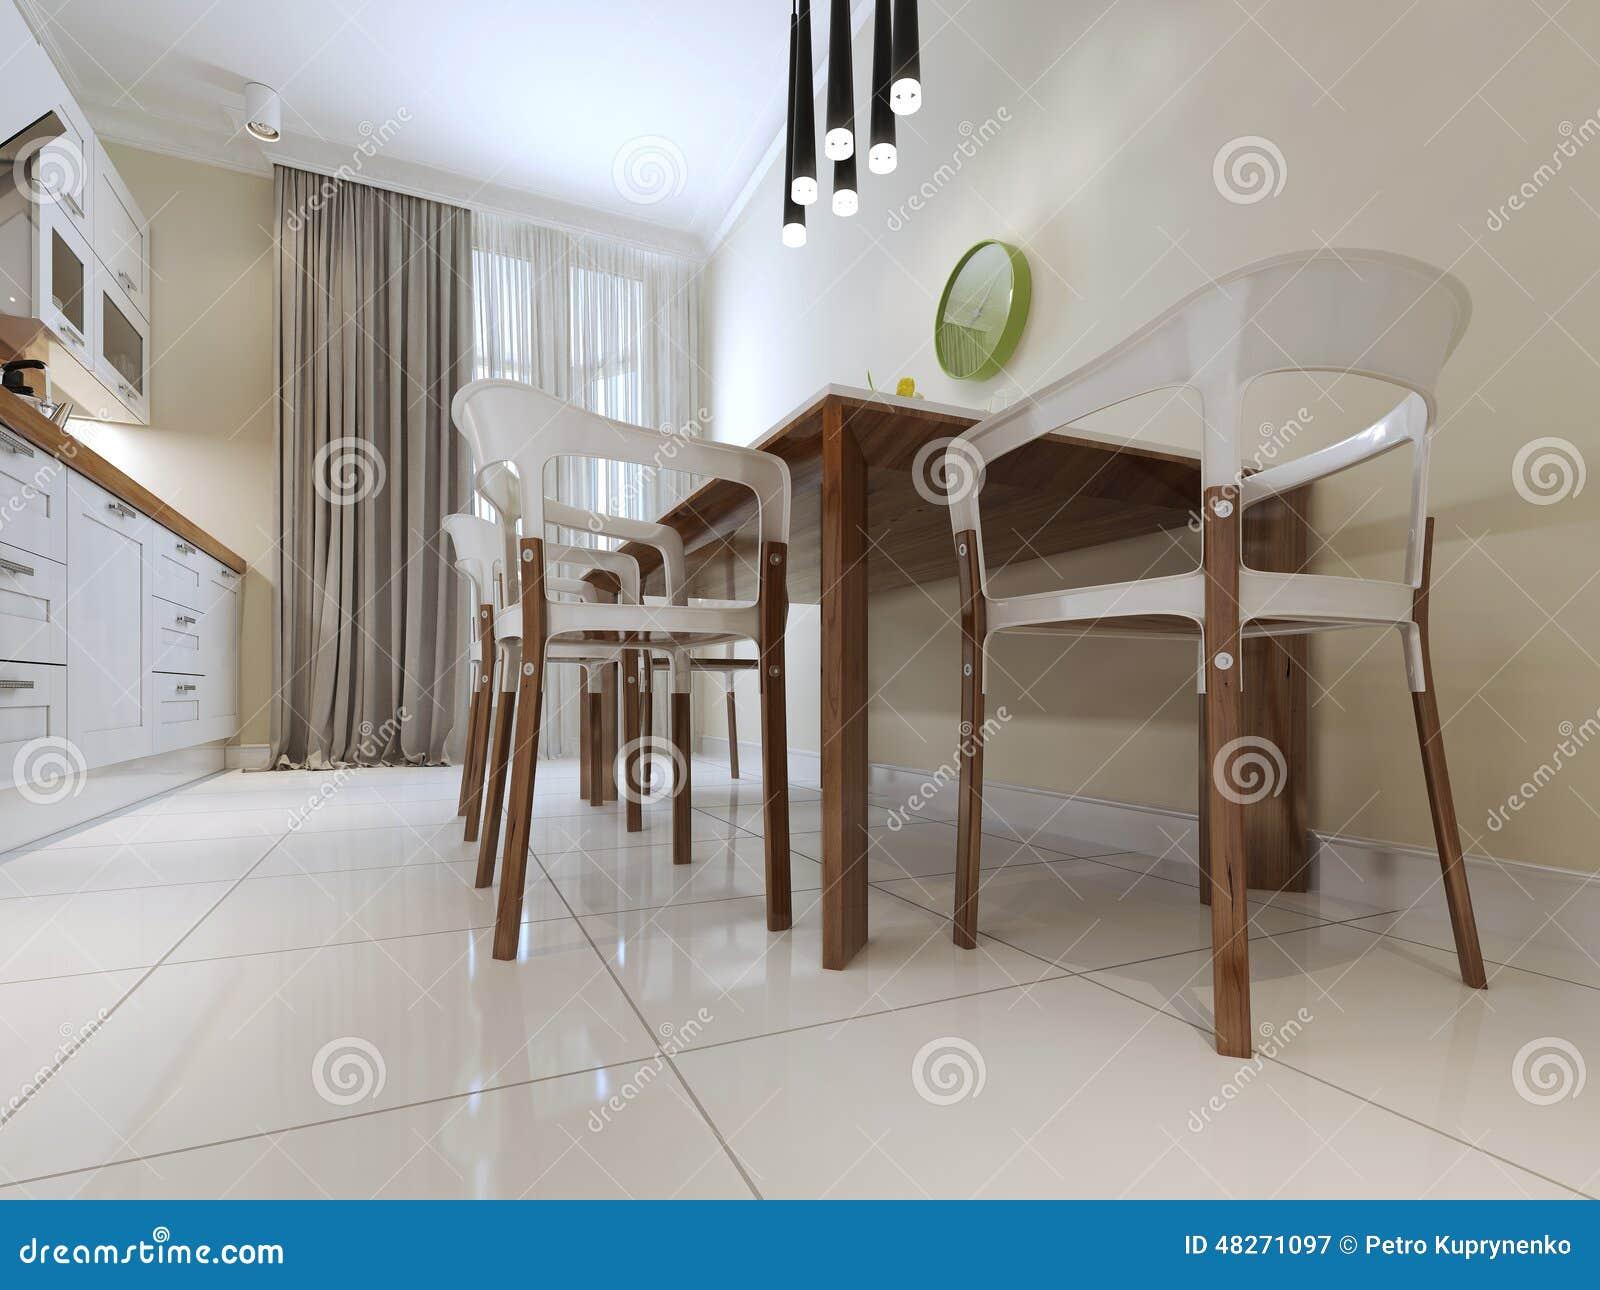 Tavolo Da Soggiorno Moderno. Tavolo Da Pranzo Usato Incantevole ...